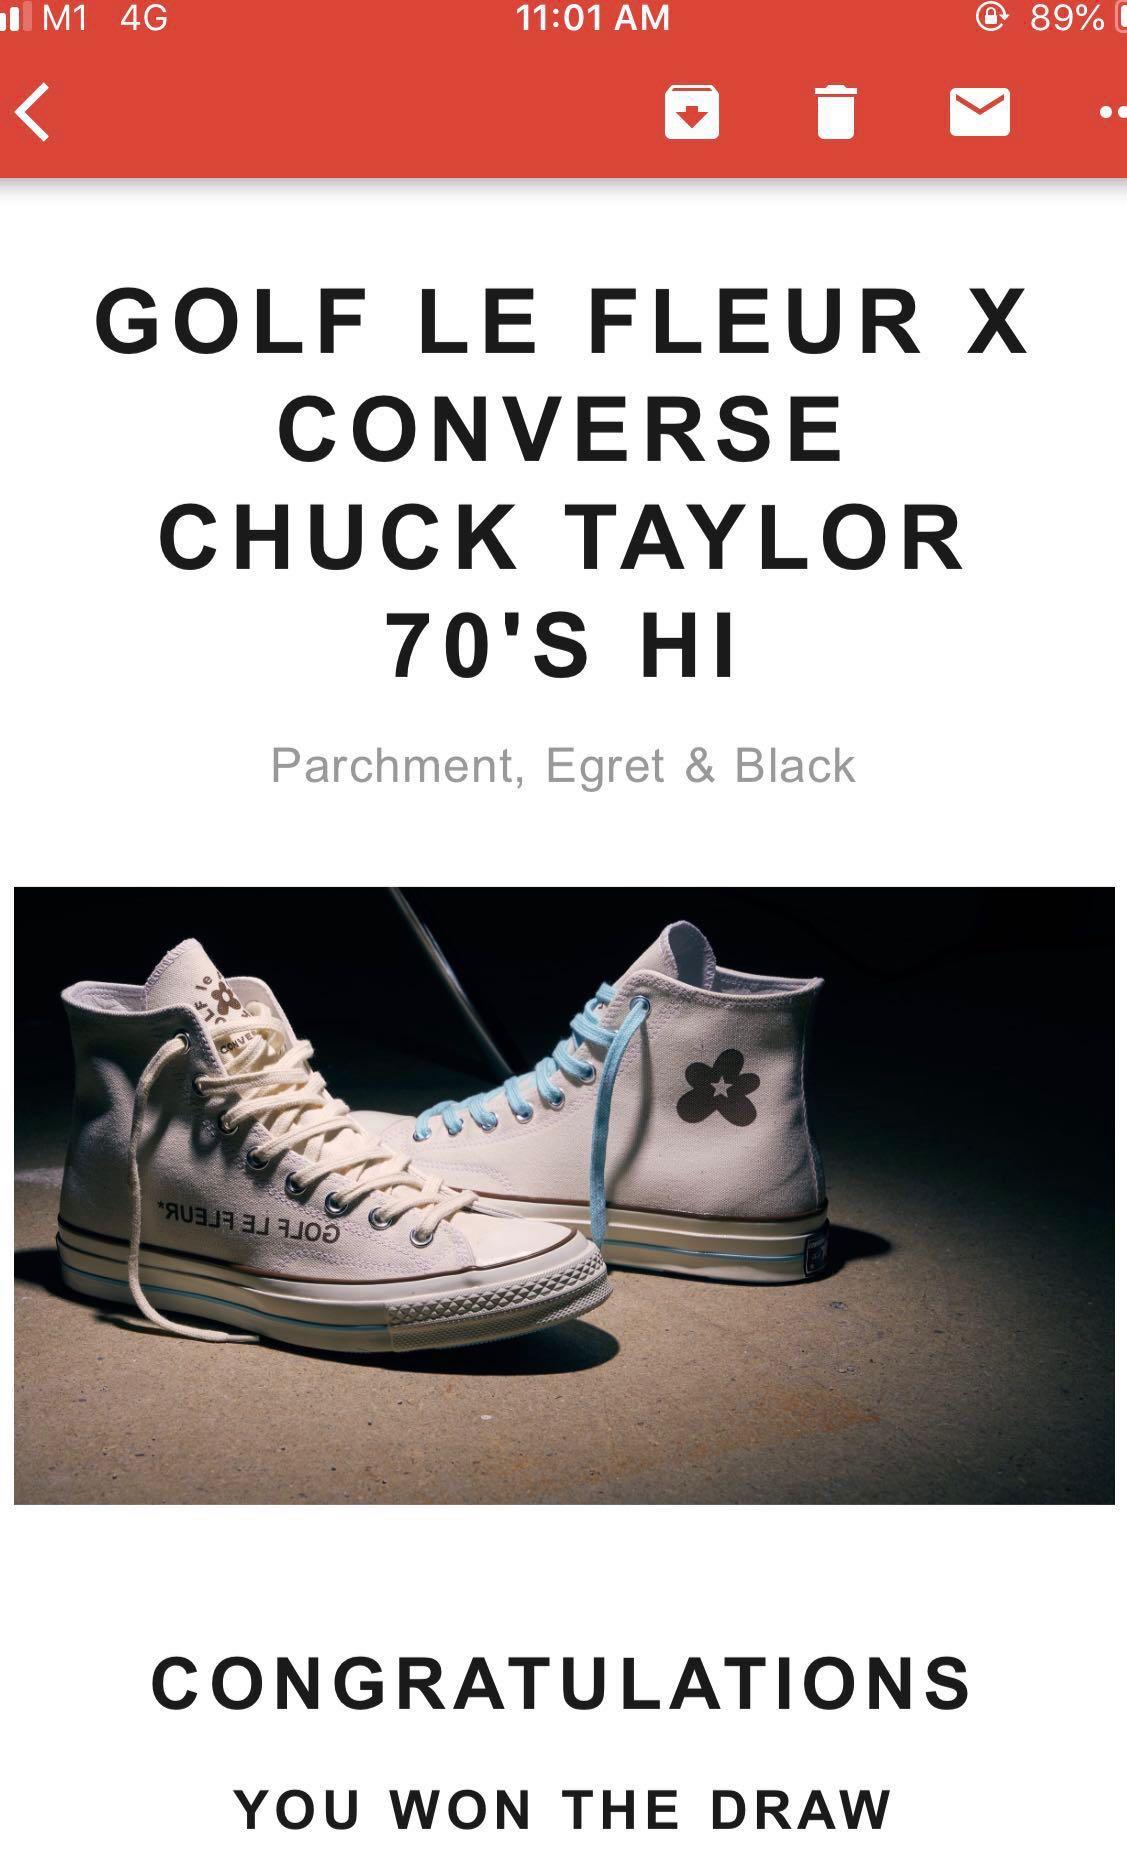 87418de58812 GOLF LE FLEUR X CONVERSE CHUCK TAYLOR 70 S HI PARCHMENT